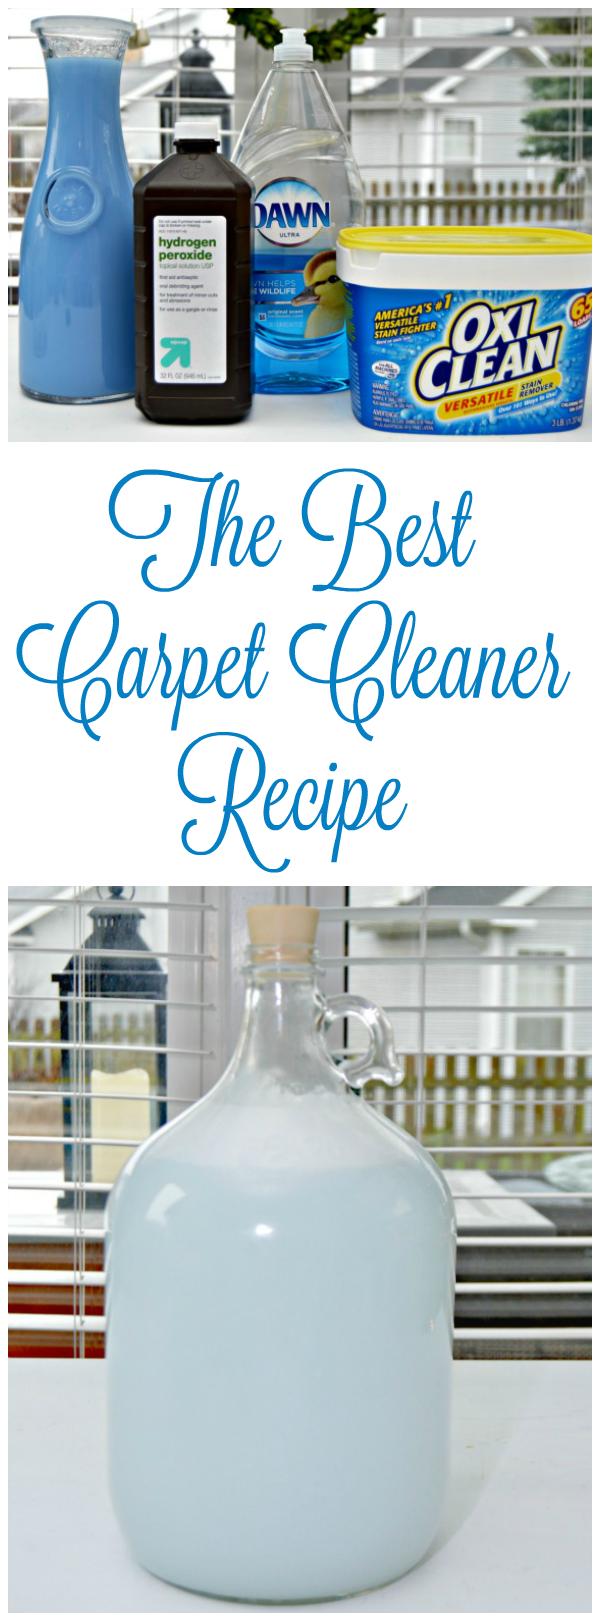 Image Result For Renting Carpet Cleaner